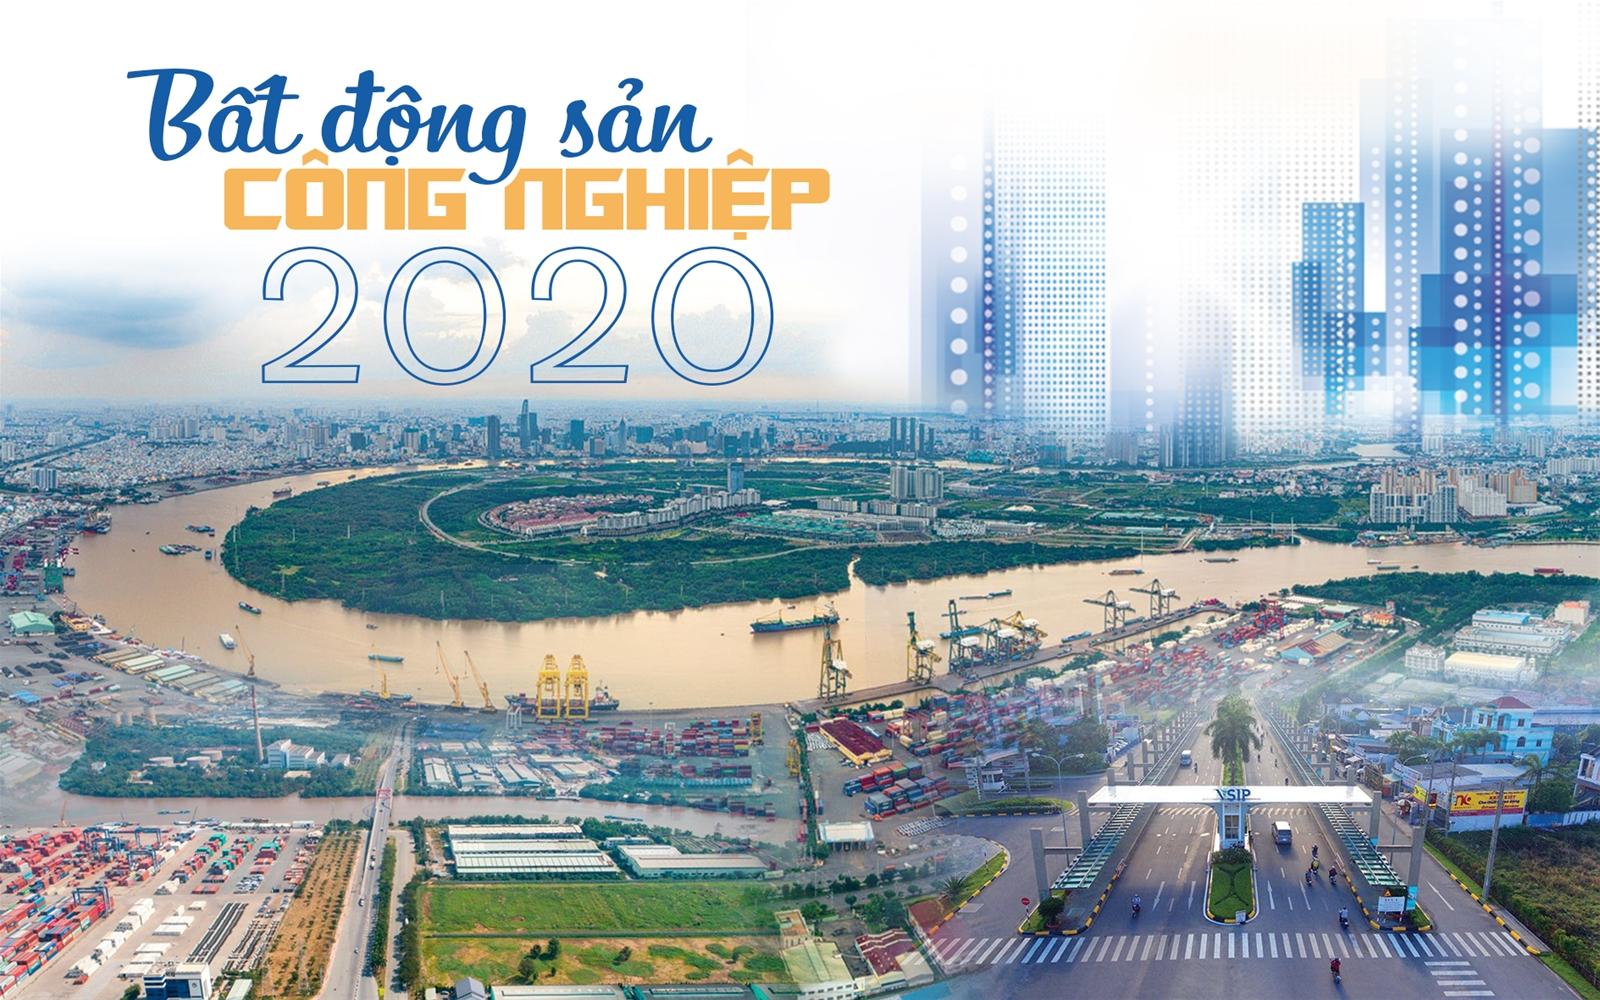 Bất động sản công nghiệp và triển vọng tăng trưởng tích cực trong năm 2021